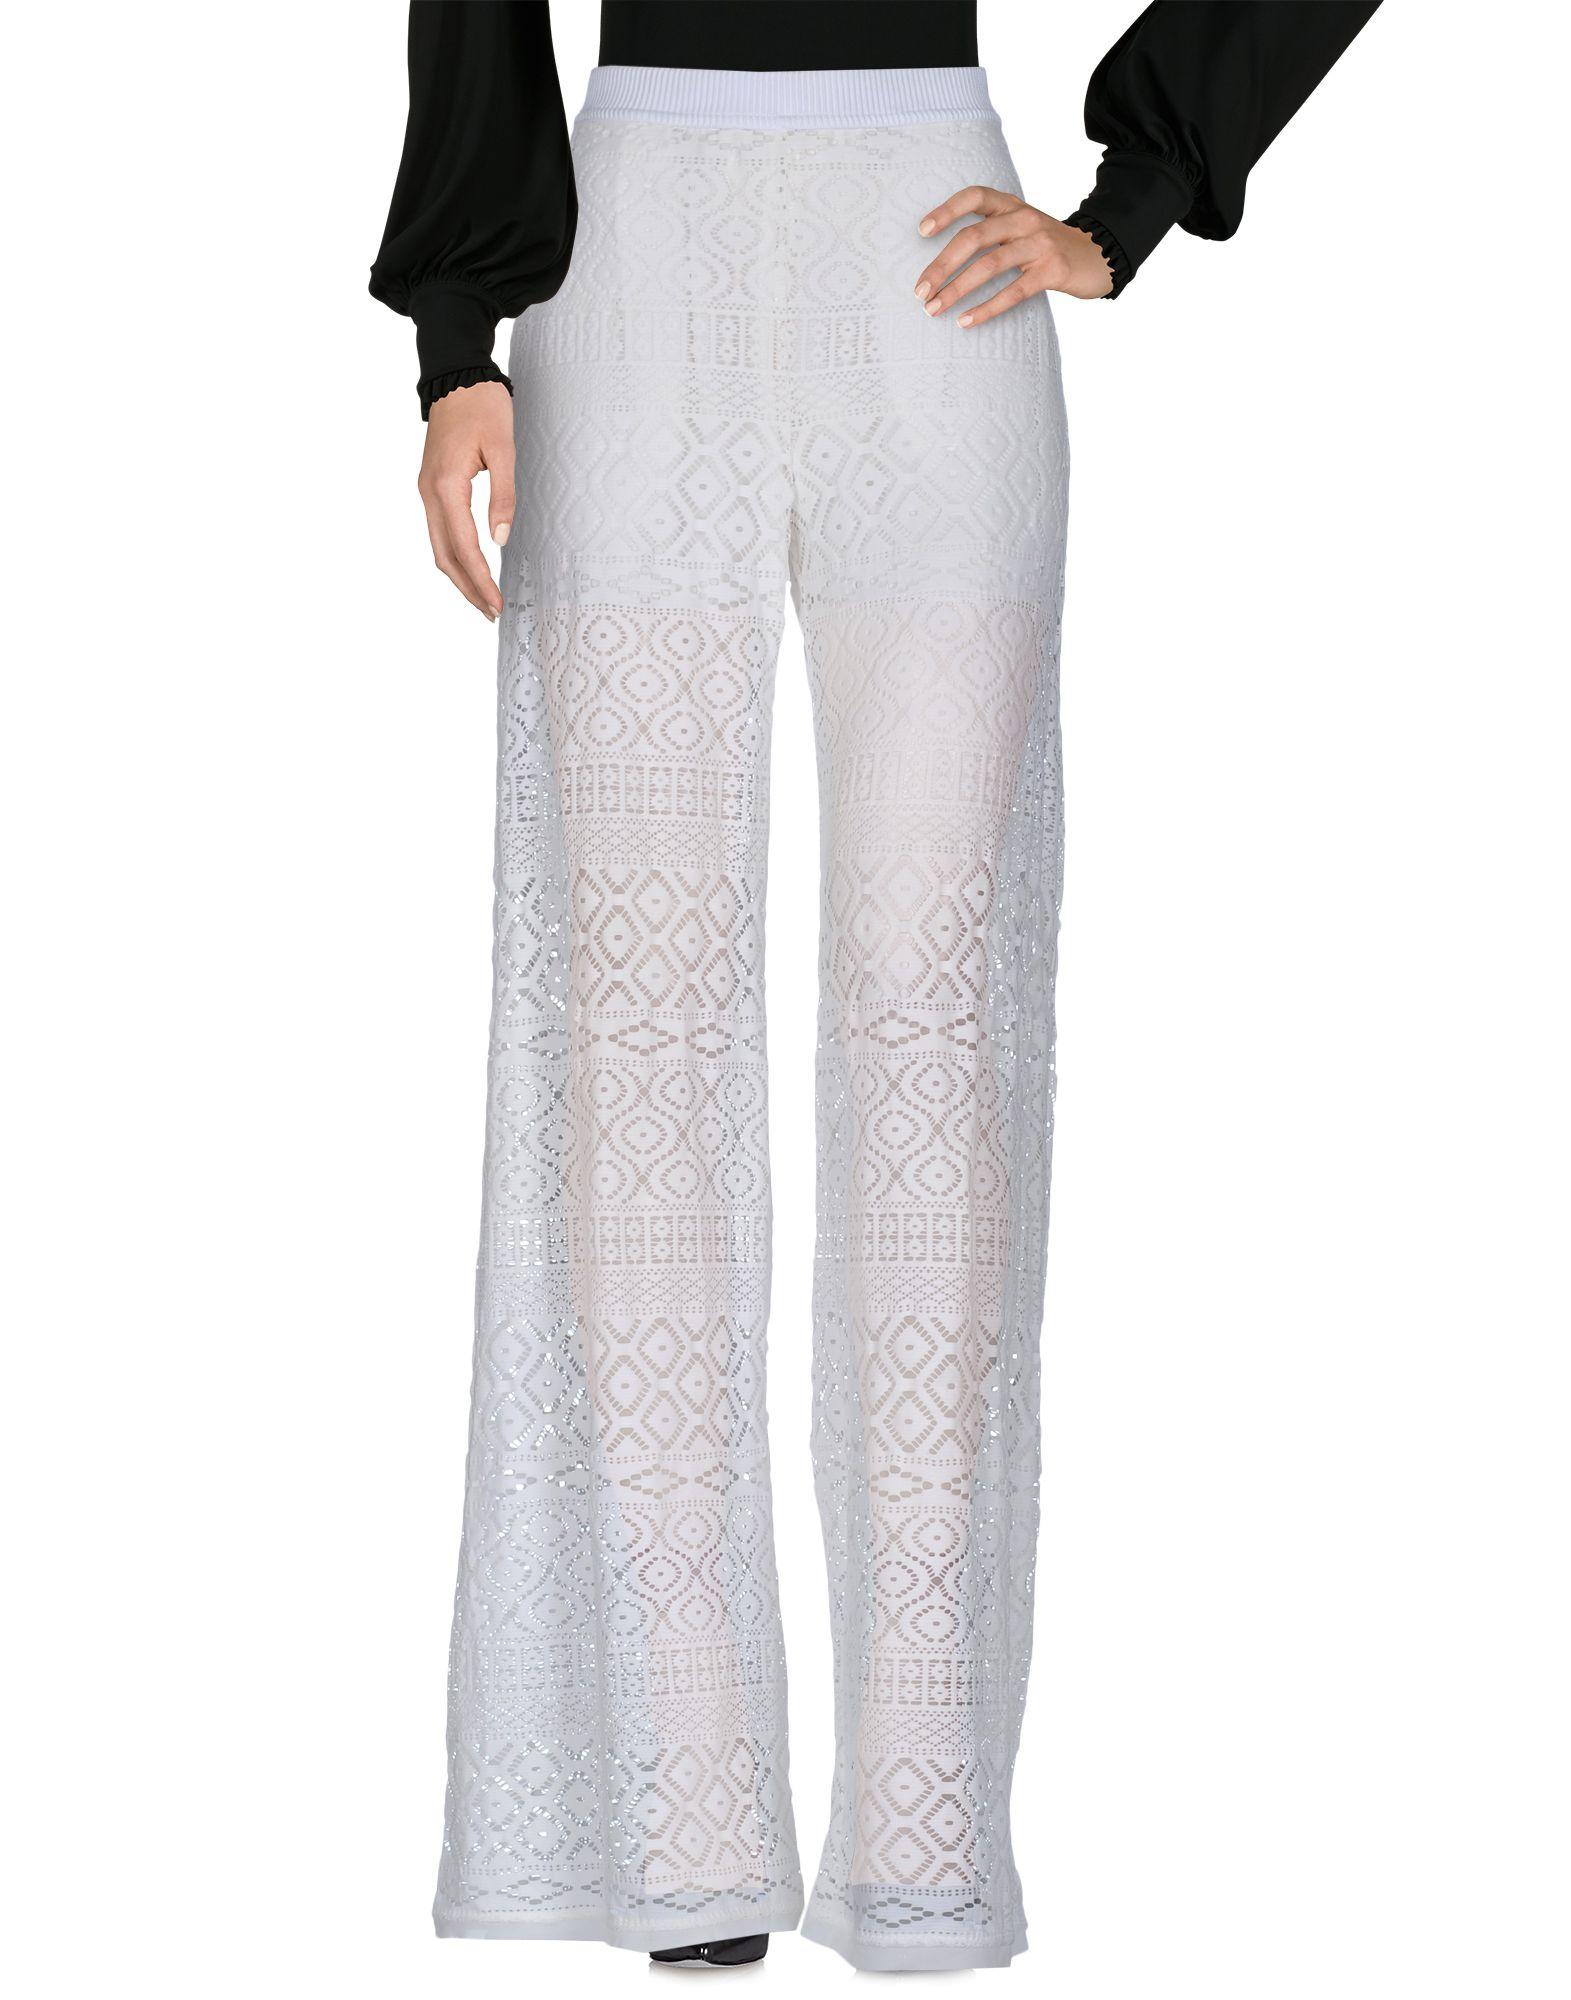 PINKO Повседневные брюки карлос ткань йога брюки дамы открытый спорт работает плотно эластичный фитнес танца брюки cp13507 серый l код